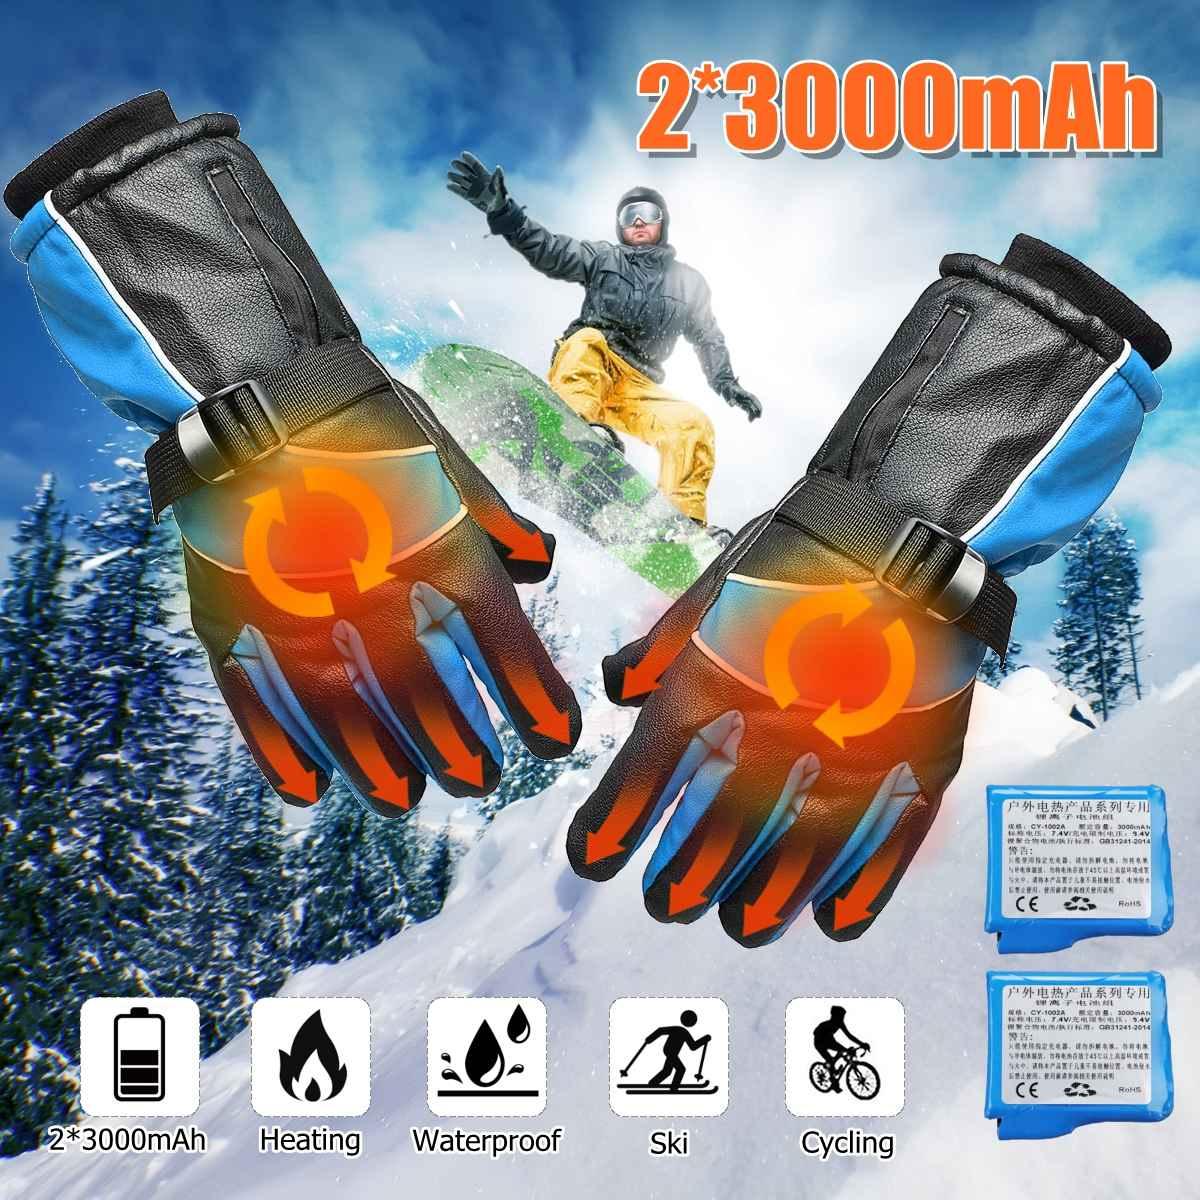 Rechargeable étanche moto vélo électrique gants chauffants snowboard ski hiver mains plus chaudes en plein air chauffage gant